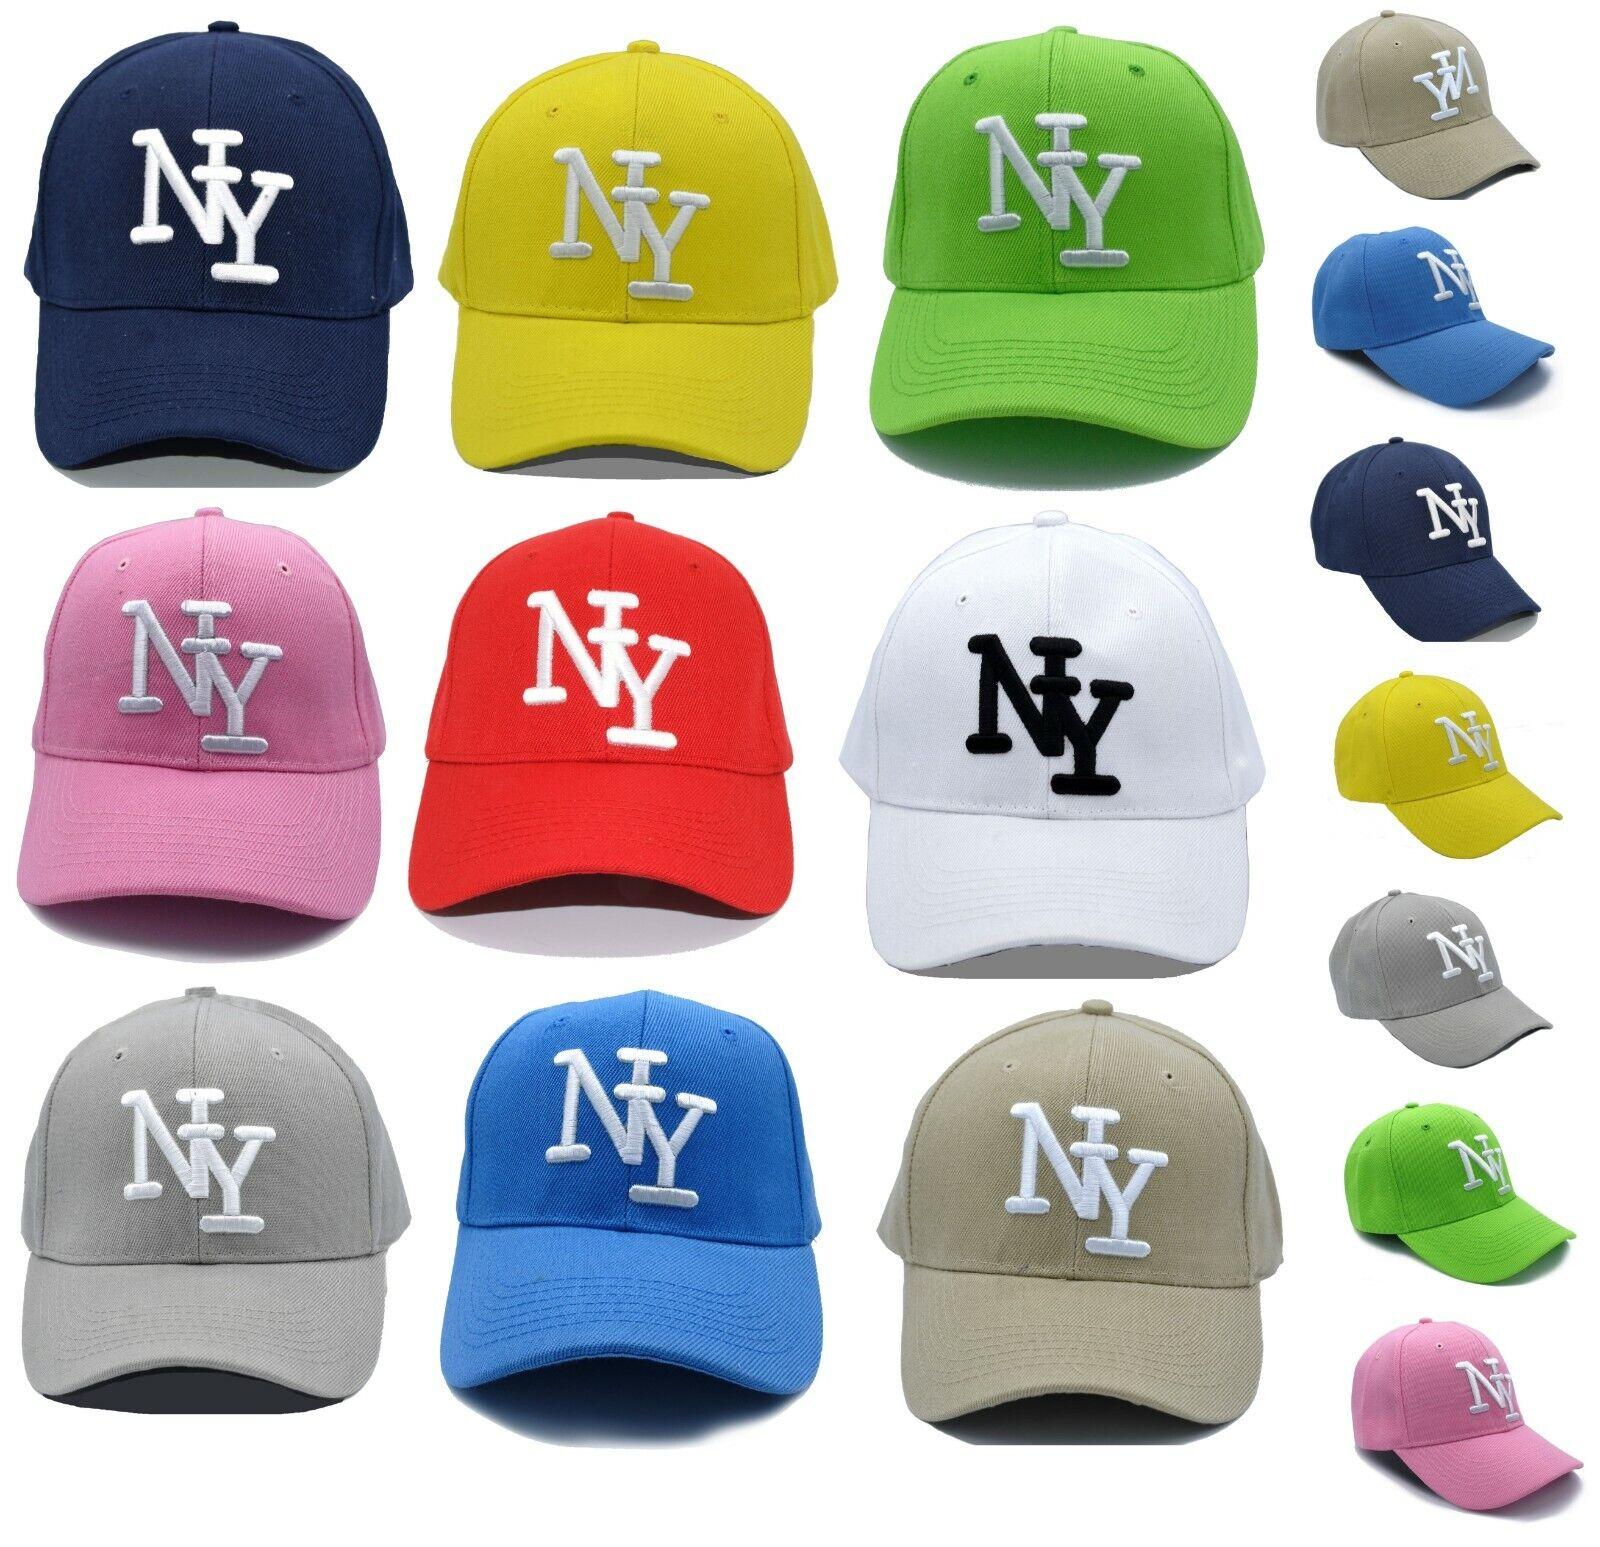 Cappy Kappe Cap NY gebogen Mütze Herren Damen Basecap Sportcappy Schirmkappe